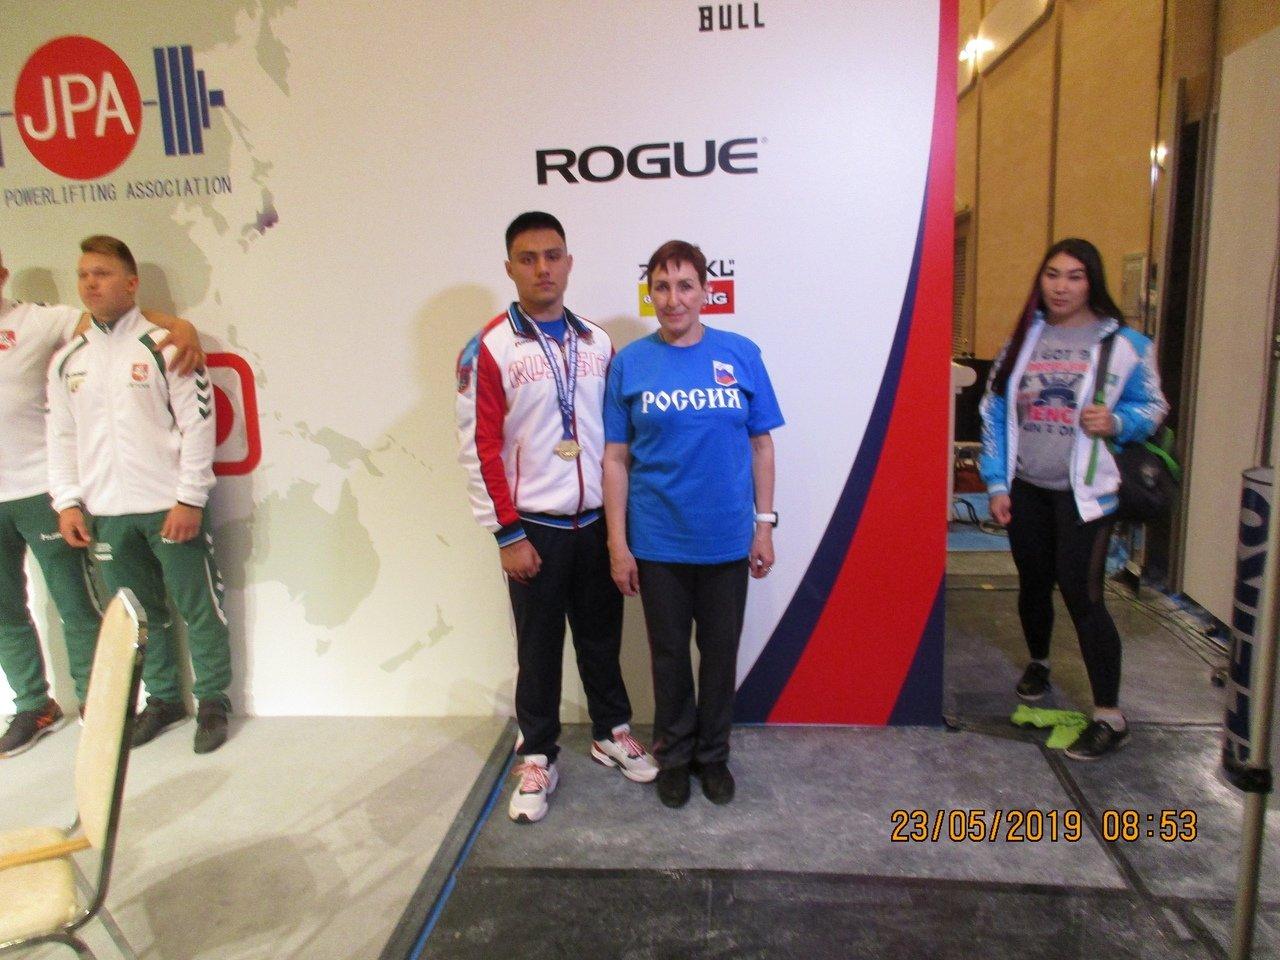 Белгородец выиграл чемпионат мира по пауэрлифтингу, фото-1